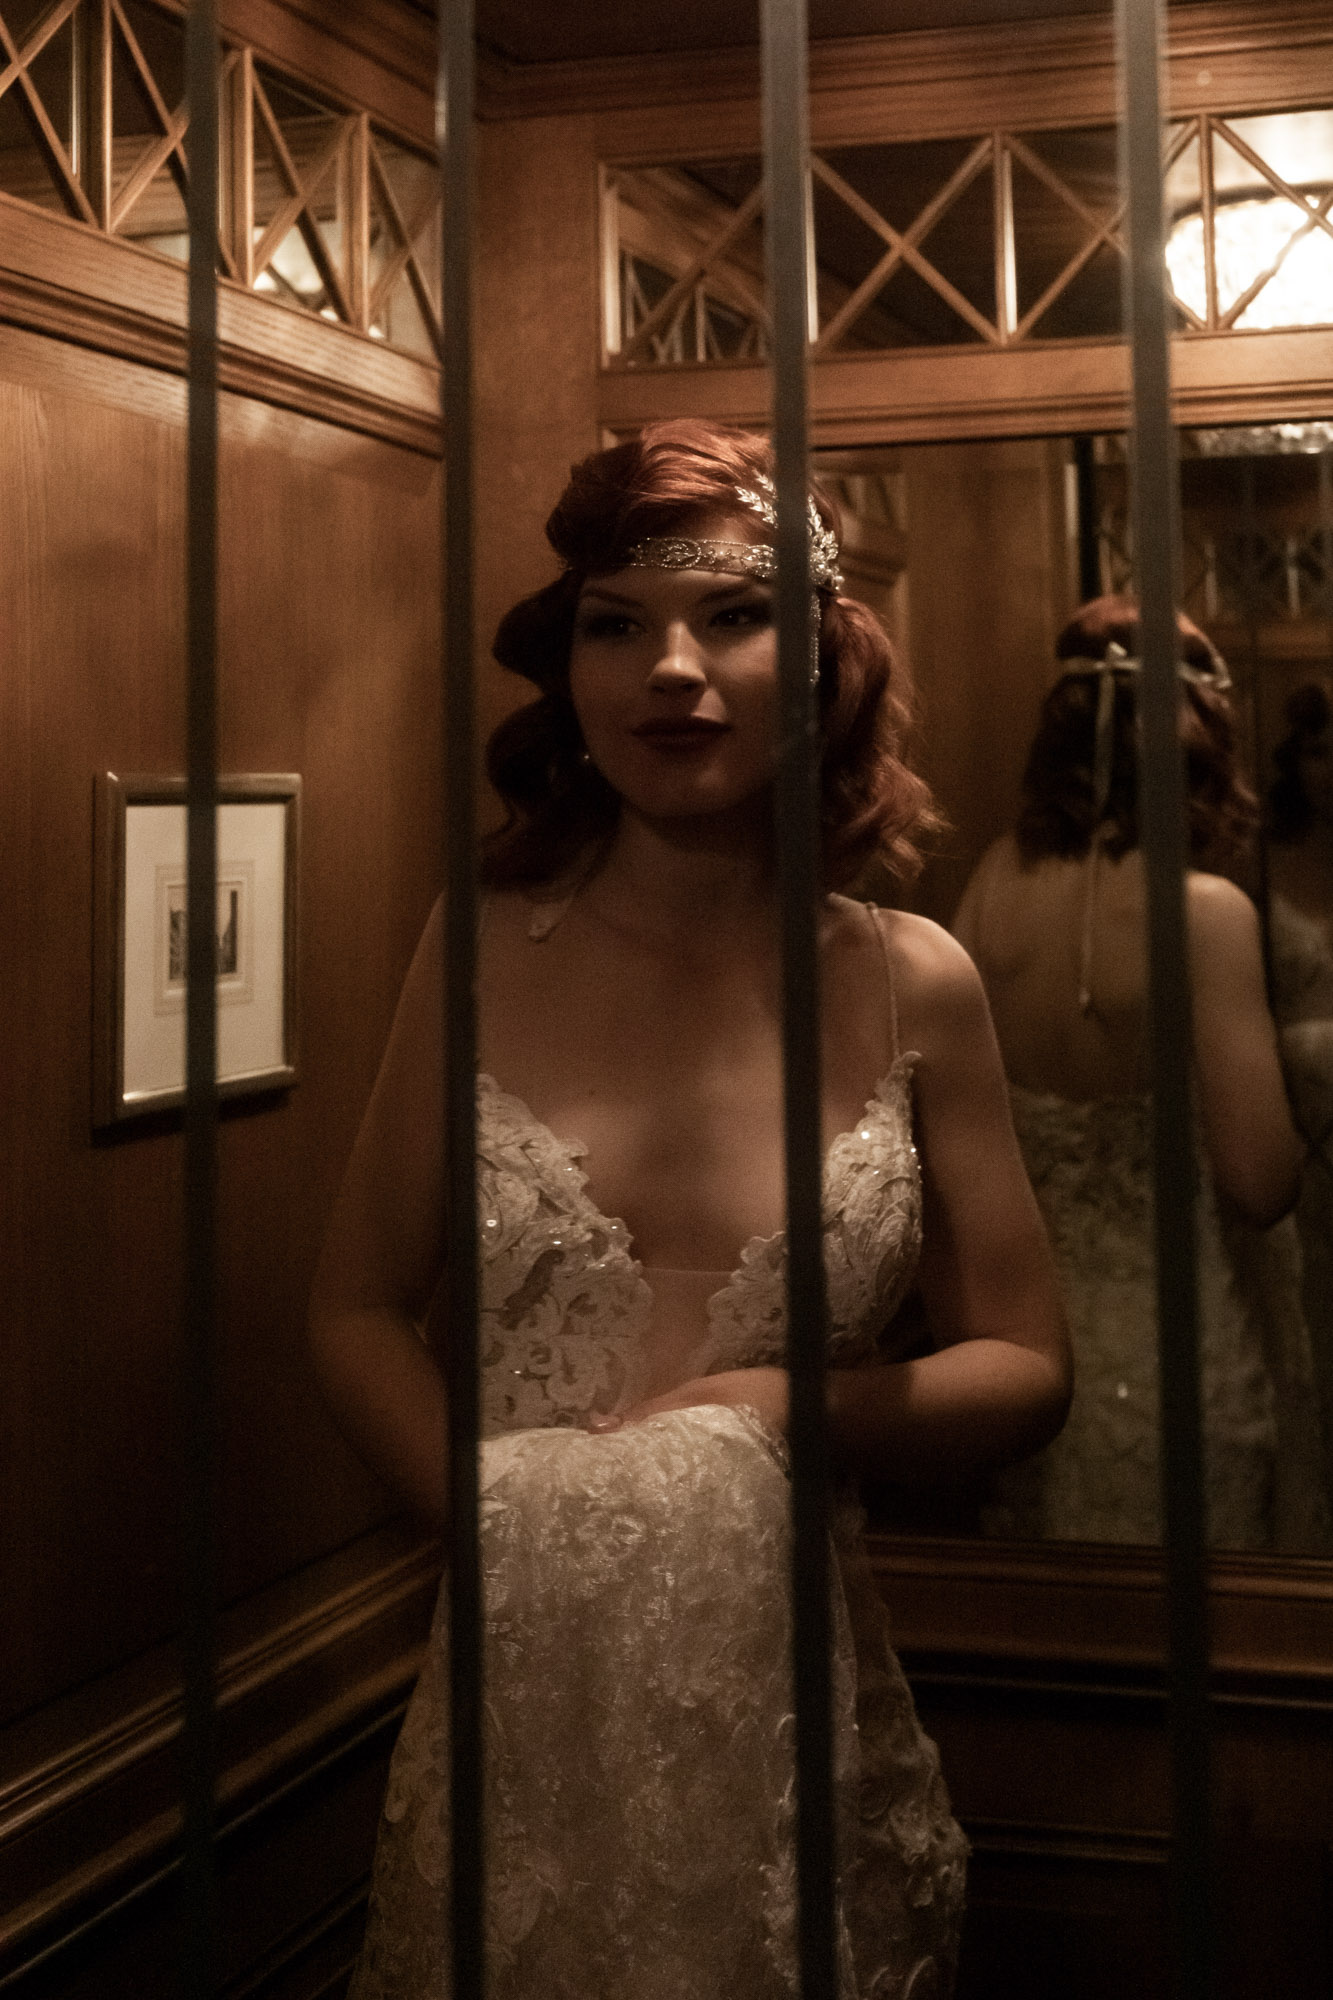 Hochzeit im Grand Hotel Les Trois Rois Basel - Die Braut fährt mit dem Lift